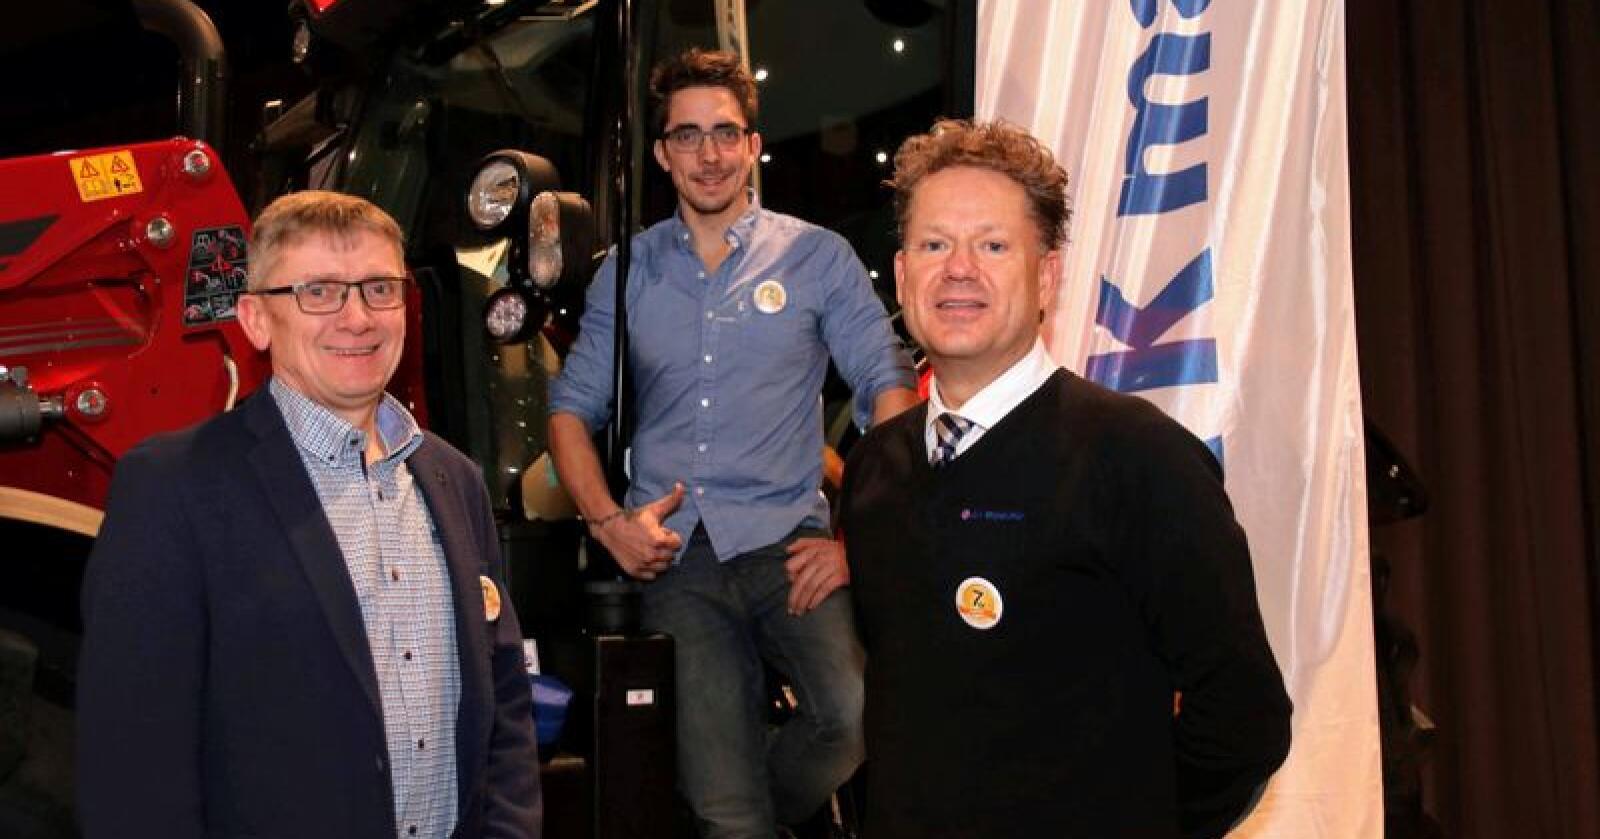 Sigbjørn Westreng (t.v.) og Odd-Erik Westreng er godt fornøyde med å ta Westreng Maskinforretning inn i A-K-famlien til Erik Grefberg.